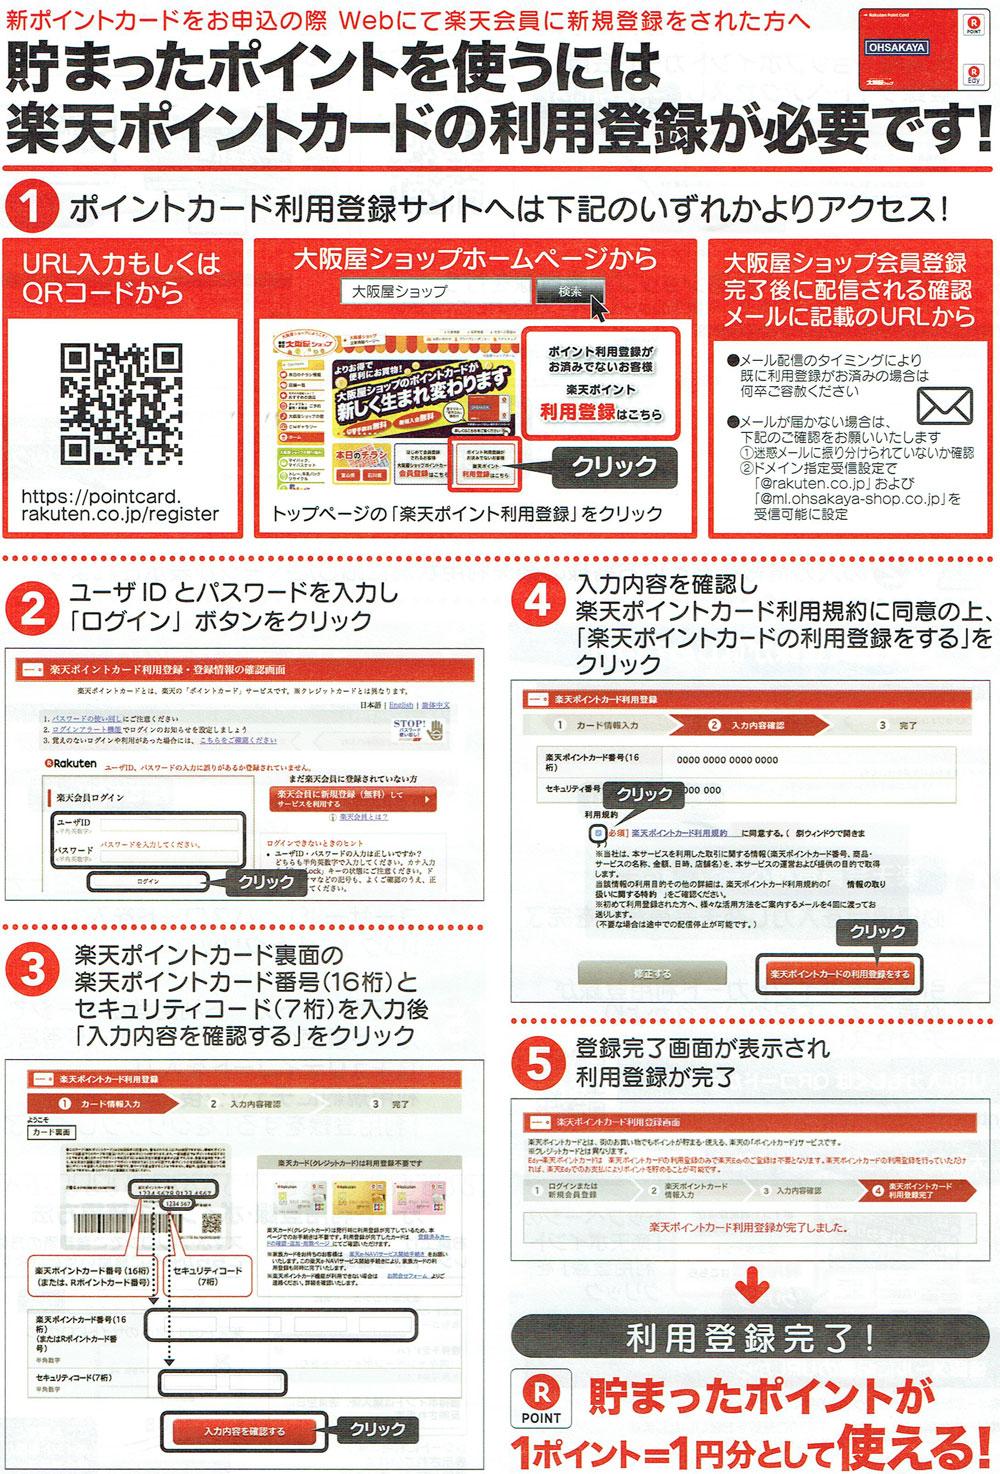 大阪屋ショップ楽天ポイントカード利用登録手順